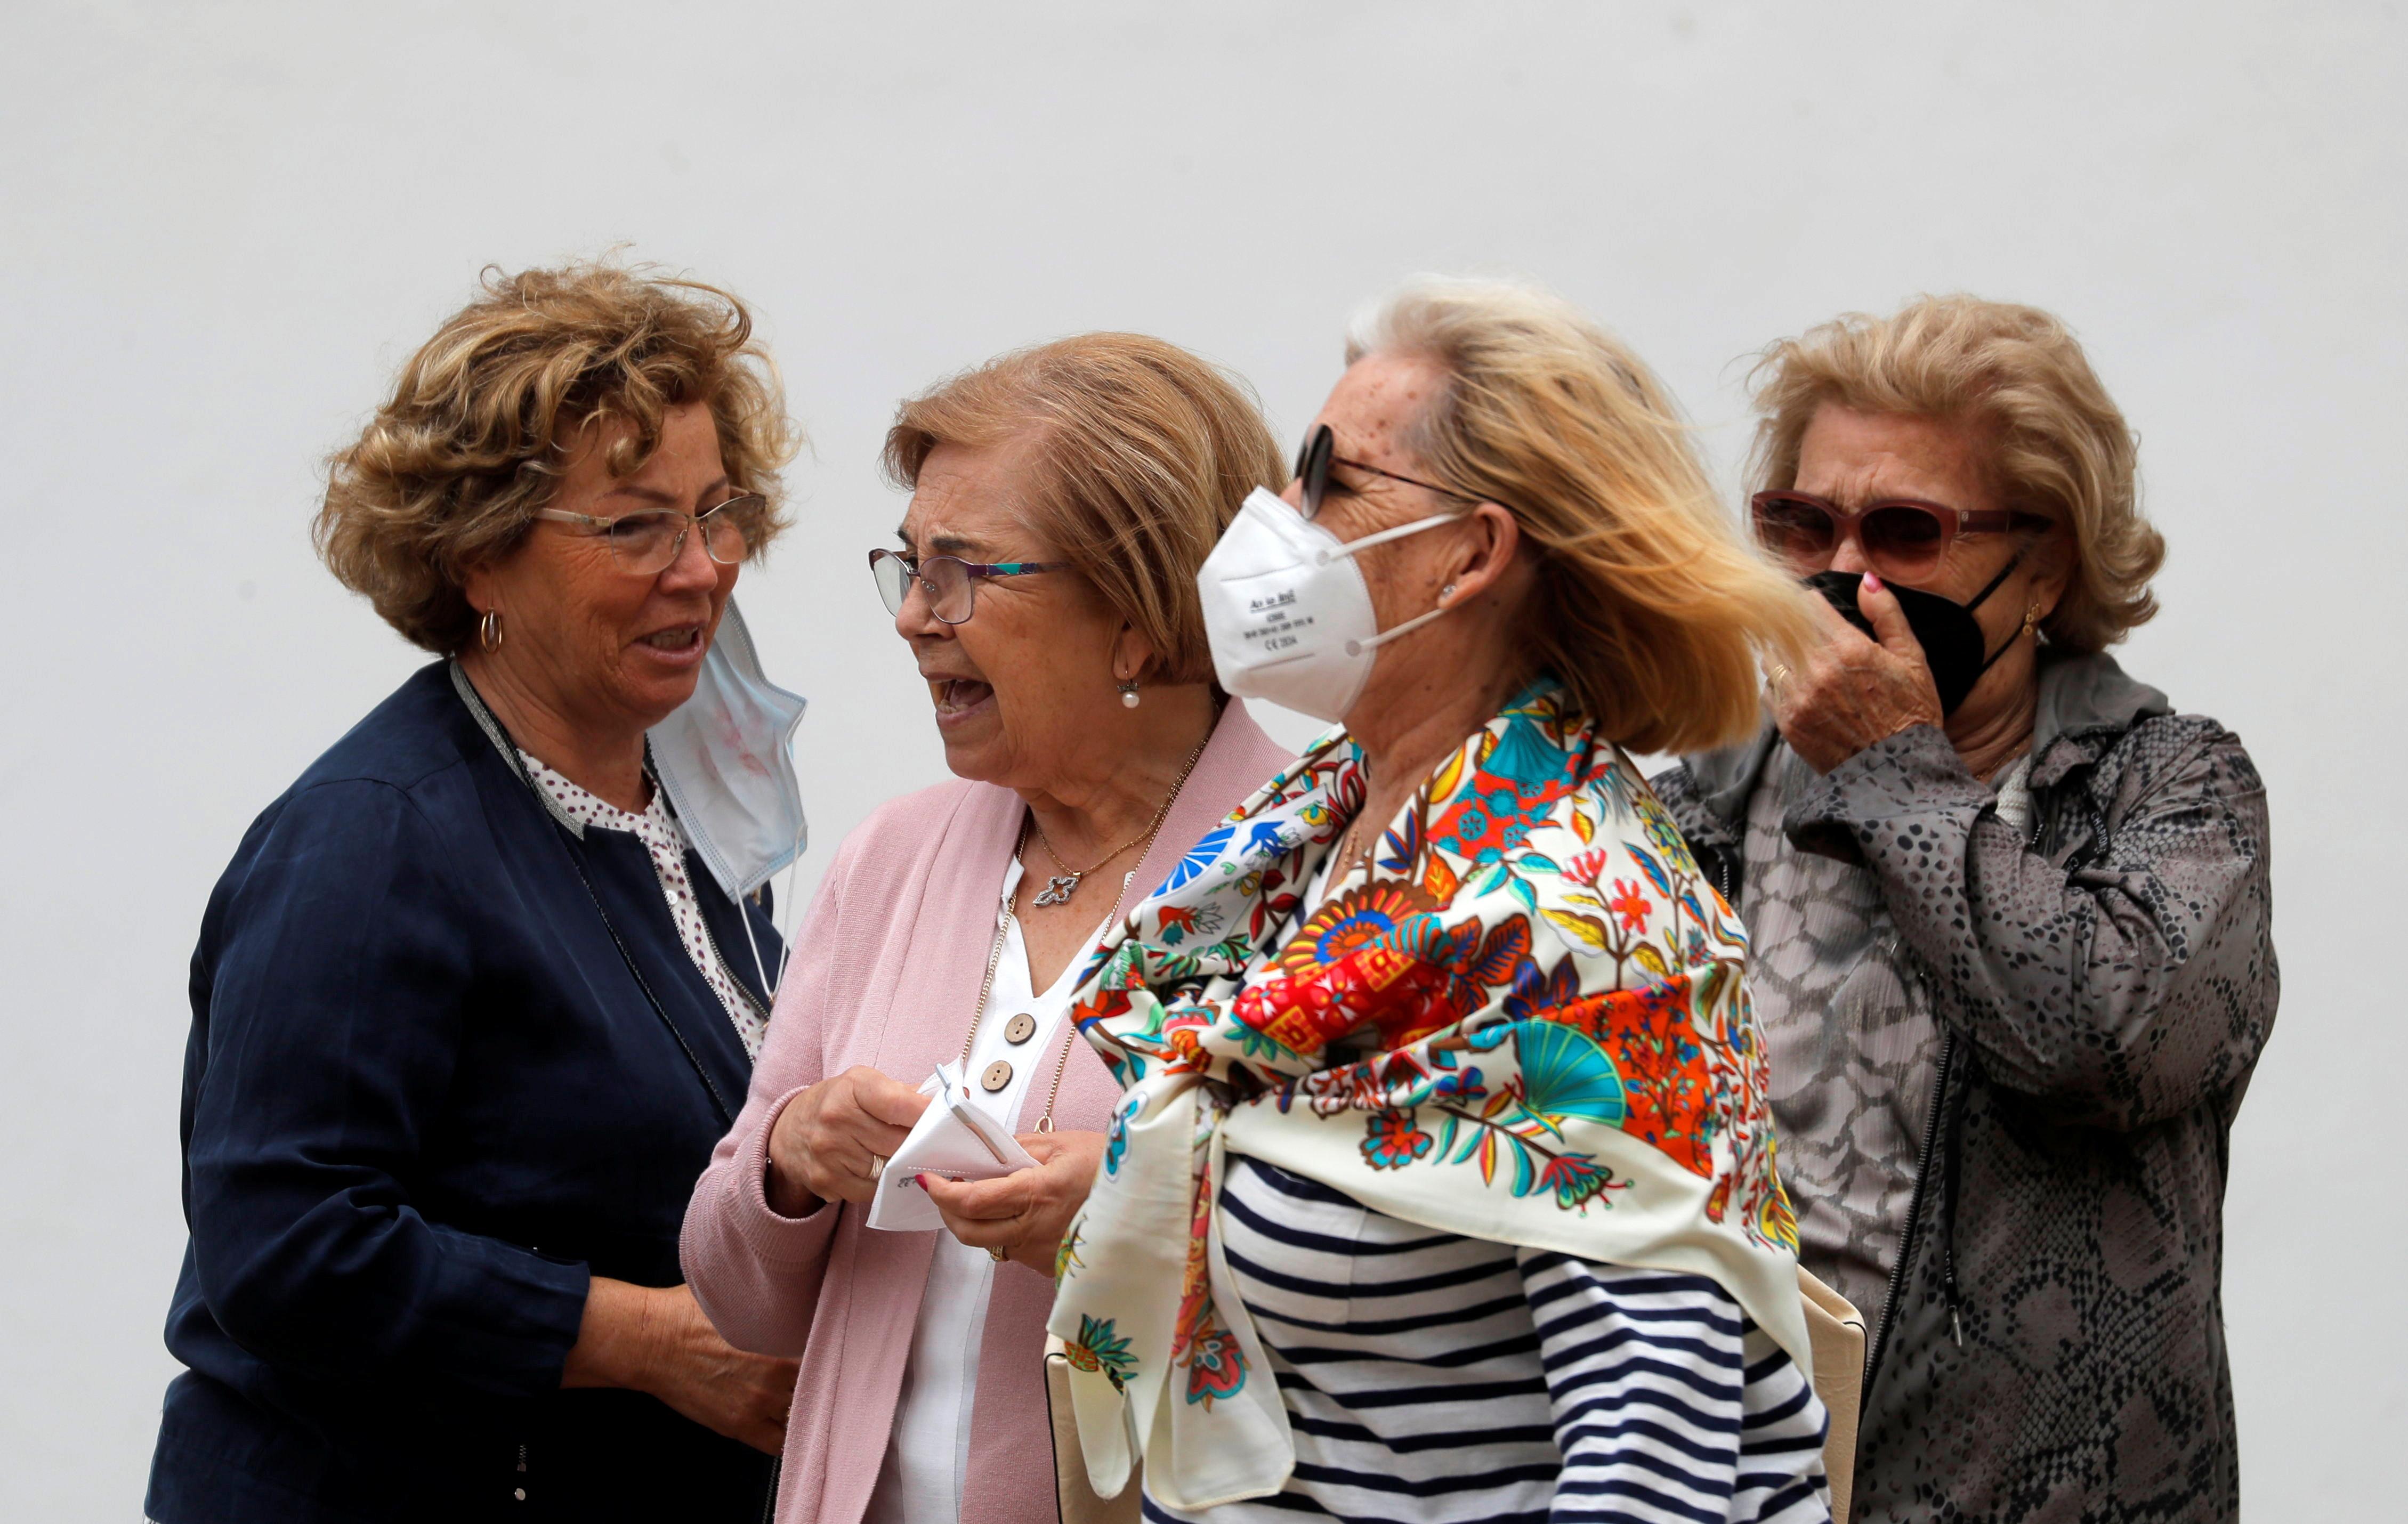 ہسپانوی سیاحوں نے بیلنگ فائٹر کے مجسمے کے ساتھ فوٹو کھینچنے کے بعد اپنے حفاظتی ماسکوں کو ہٹا دیا ، جب ہسپانوی وزیر اعظم پیڈرو سانچیز نے جمعہ کو اعلان کیا ، 26 جون سے کورونا وائرس کی بیماری (COVID) کے درمیان ماسک پہننے کے لئے کمبل کی ذمہ داری کو اٹھا لیا گیا۔ -19) وبائی ، روڈہ ، اسپین ، 18 جون 2021 میں۔ رائٹرز / جون نازکا